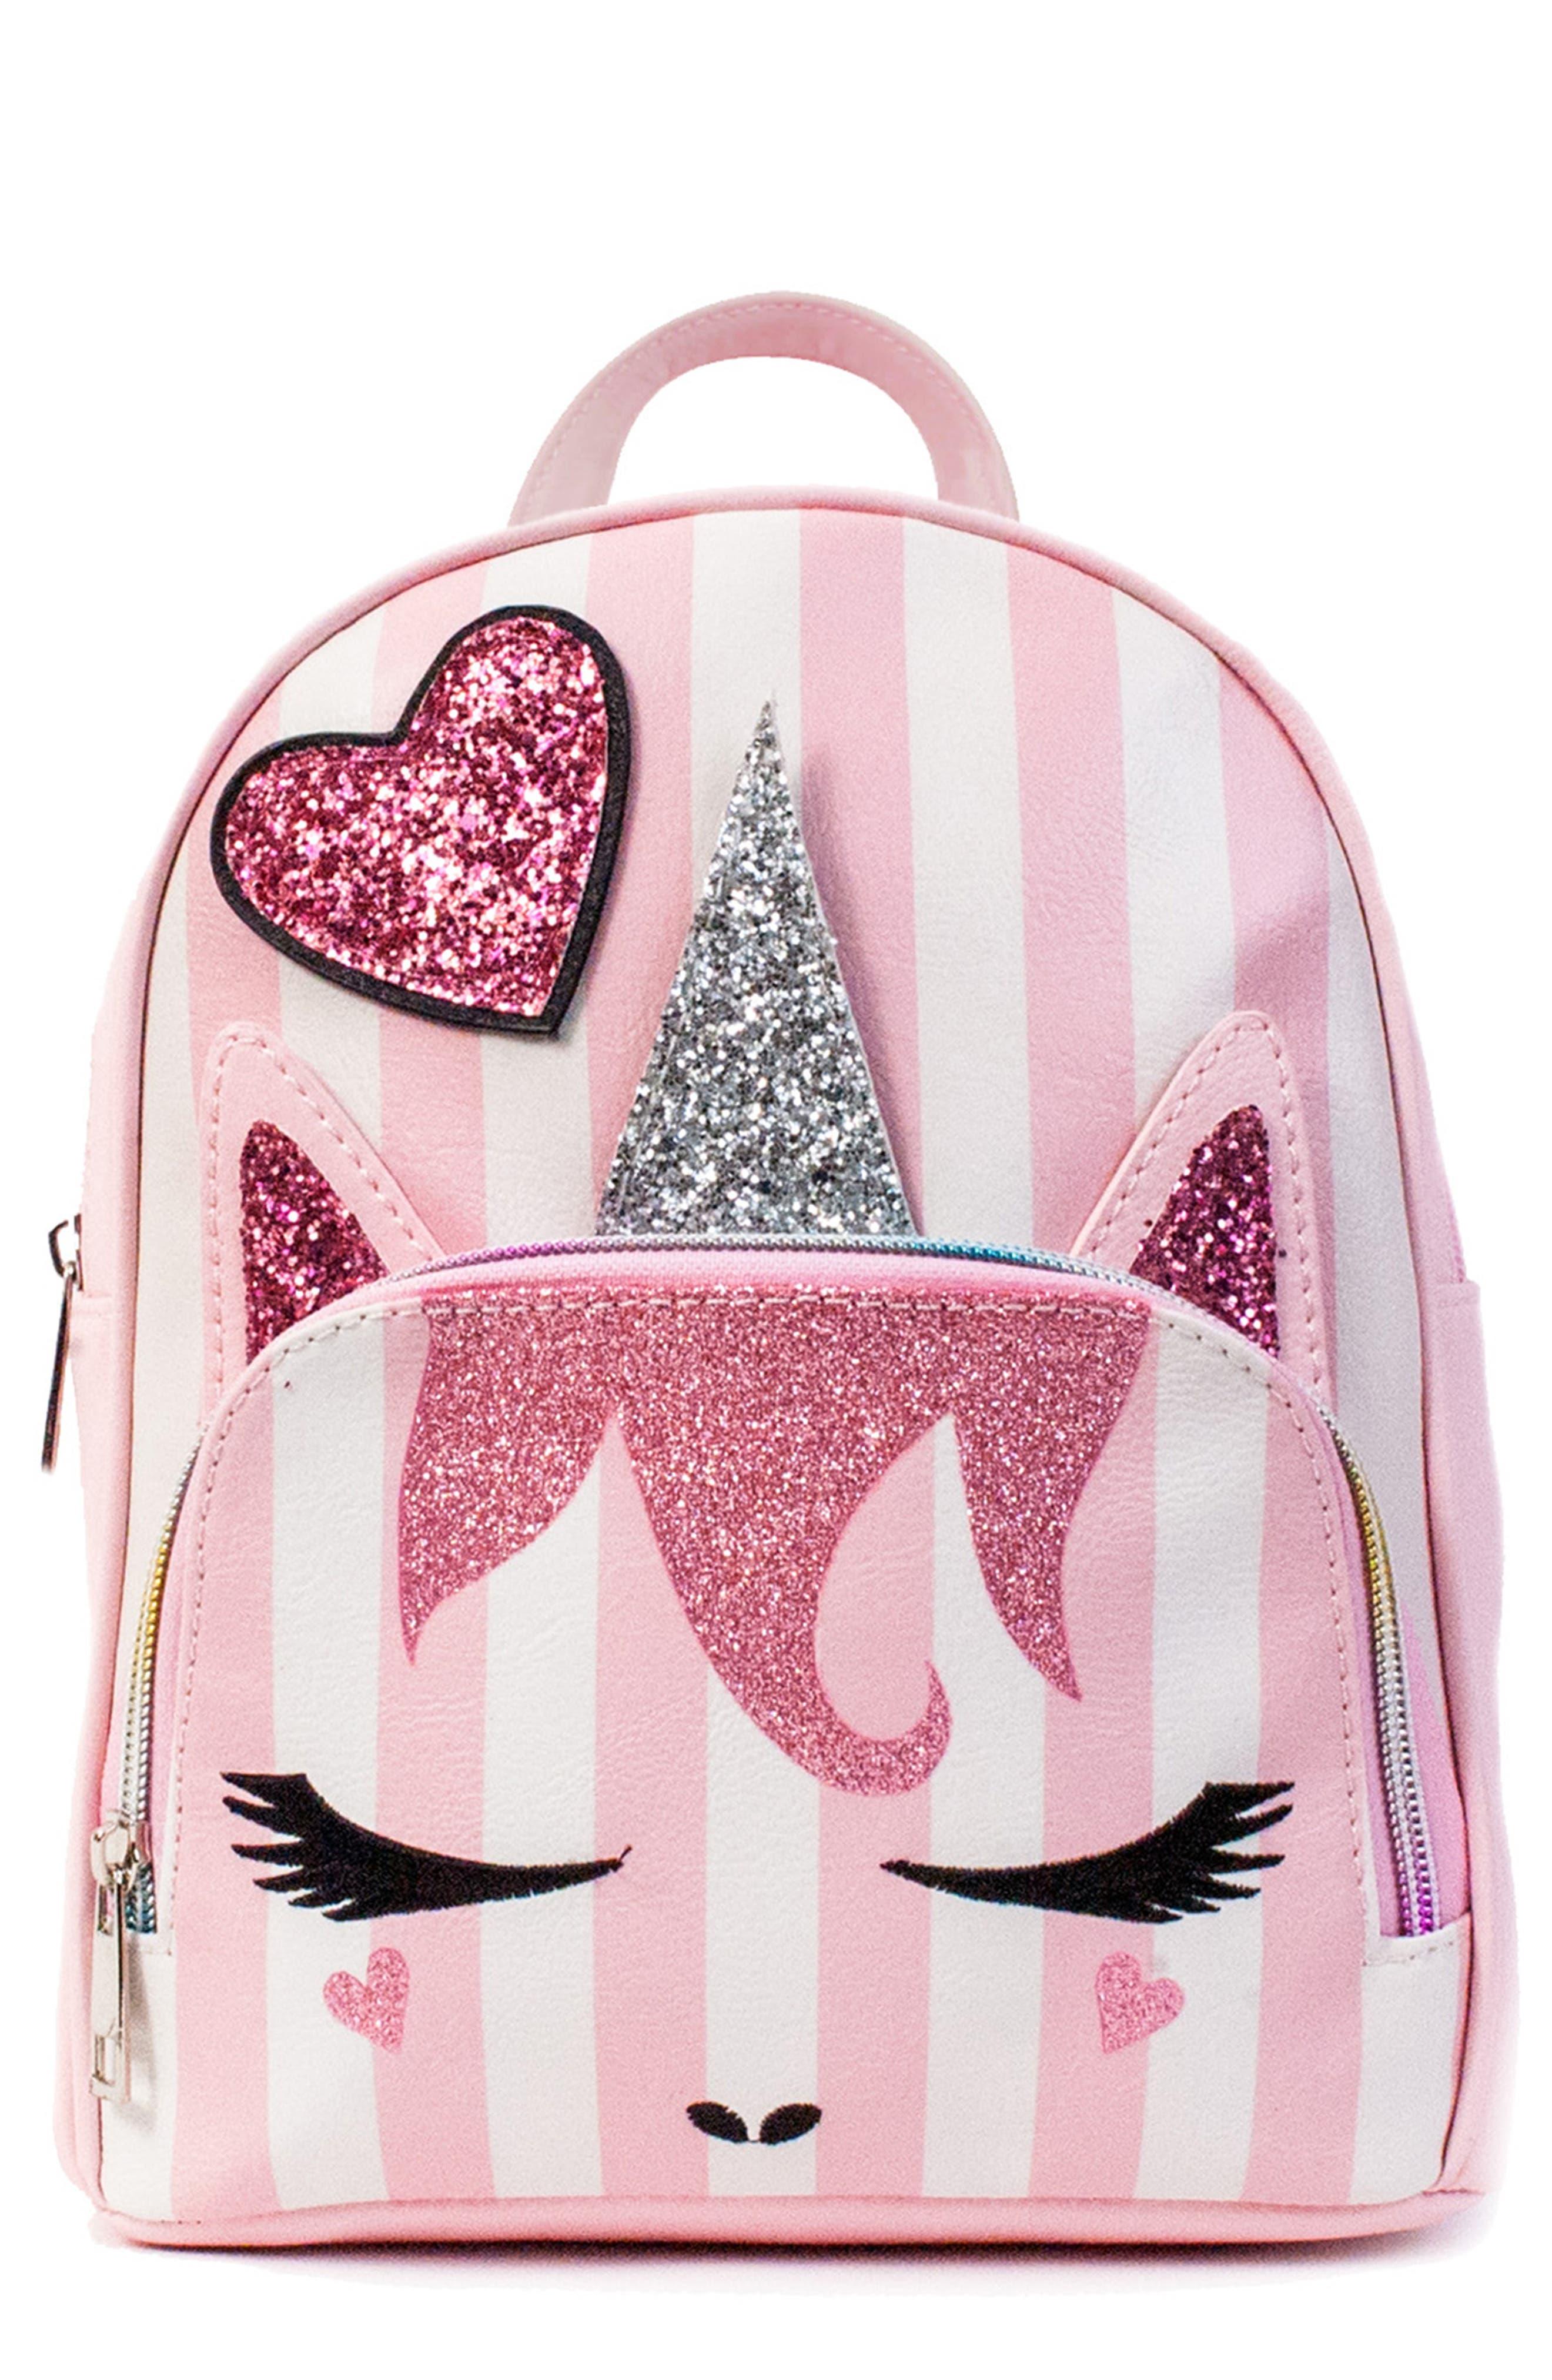 Girls Omg Mini Stripe Unicorn Backpack  Pink